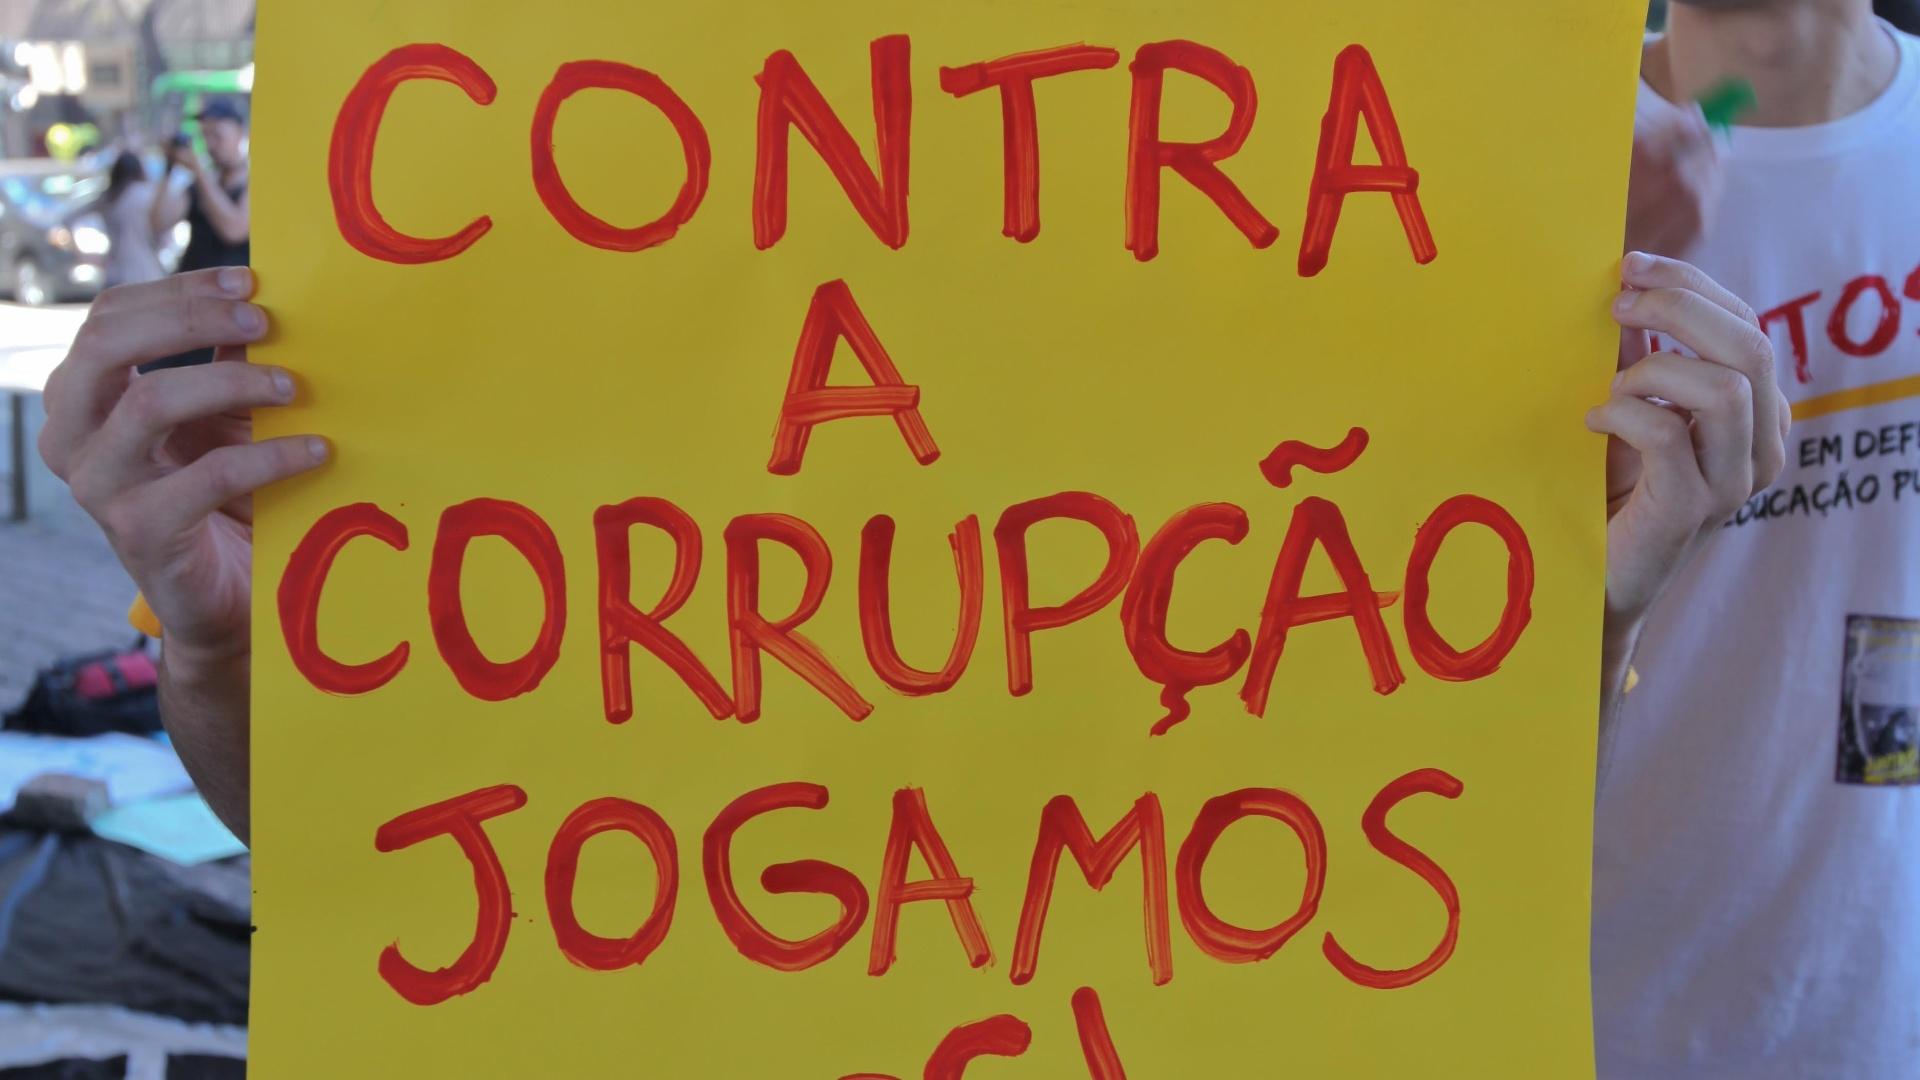 Jovens reclamam de corrupção na CBF e estão na bronca contra Ricardo Teixeira (13/08/2011)